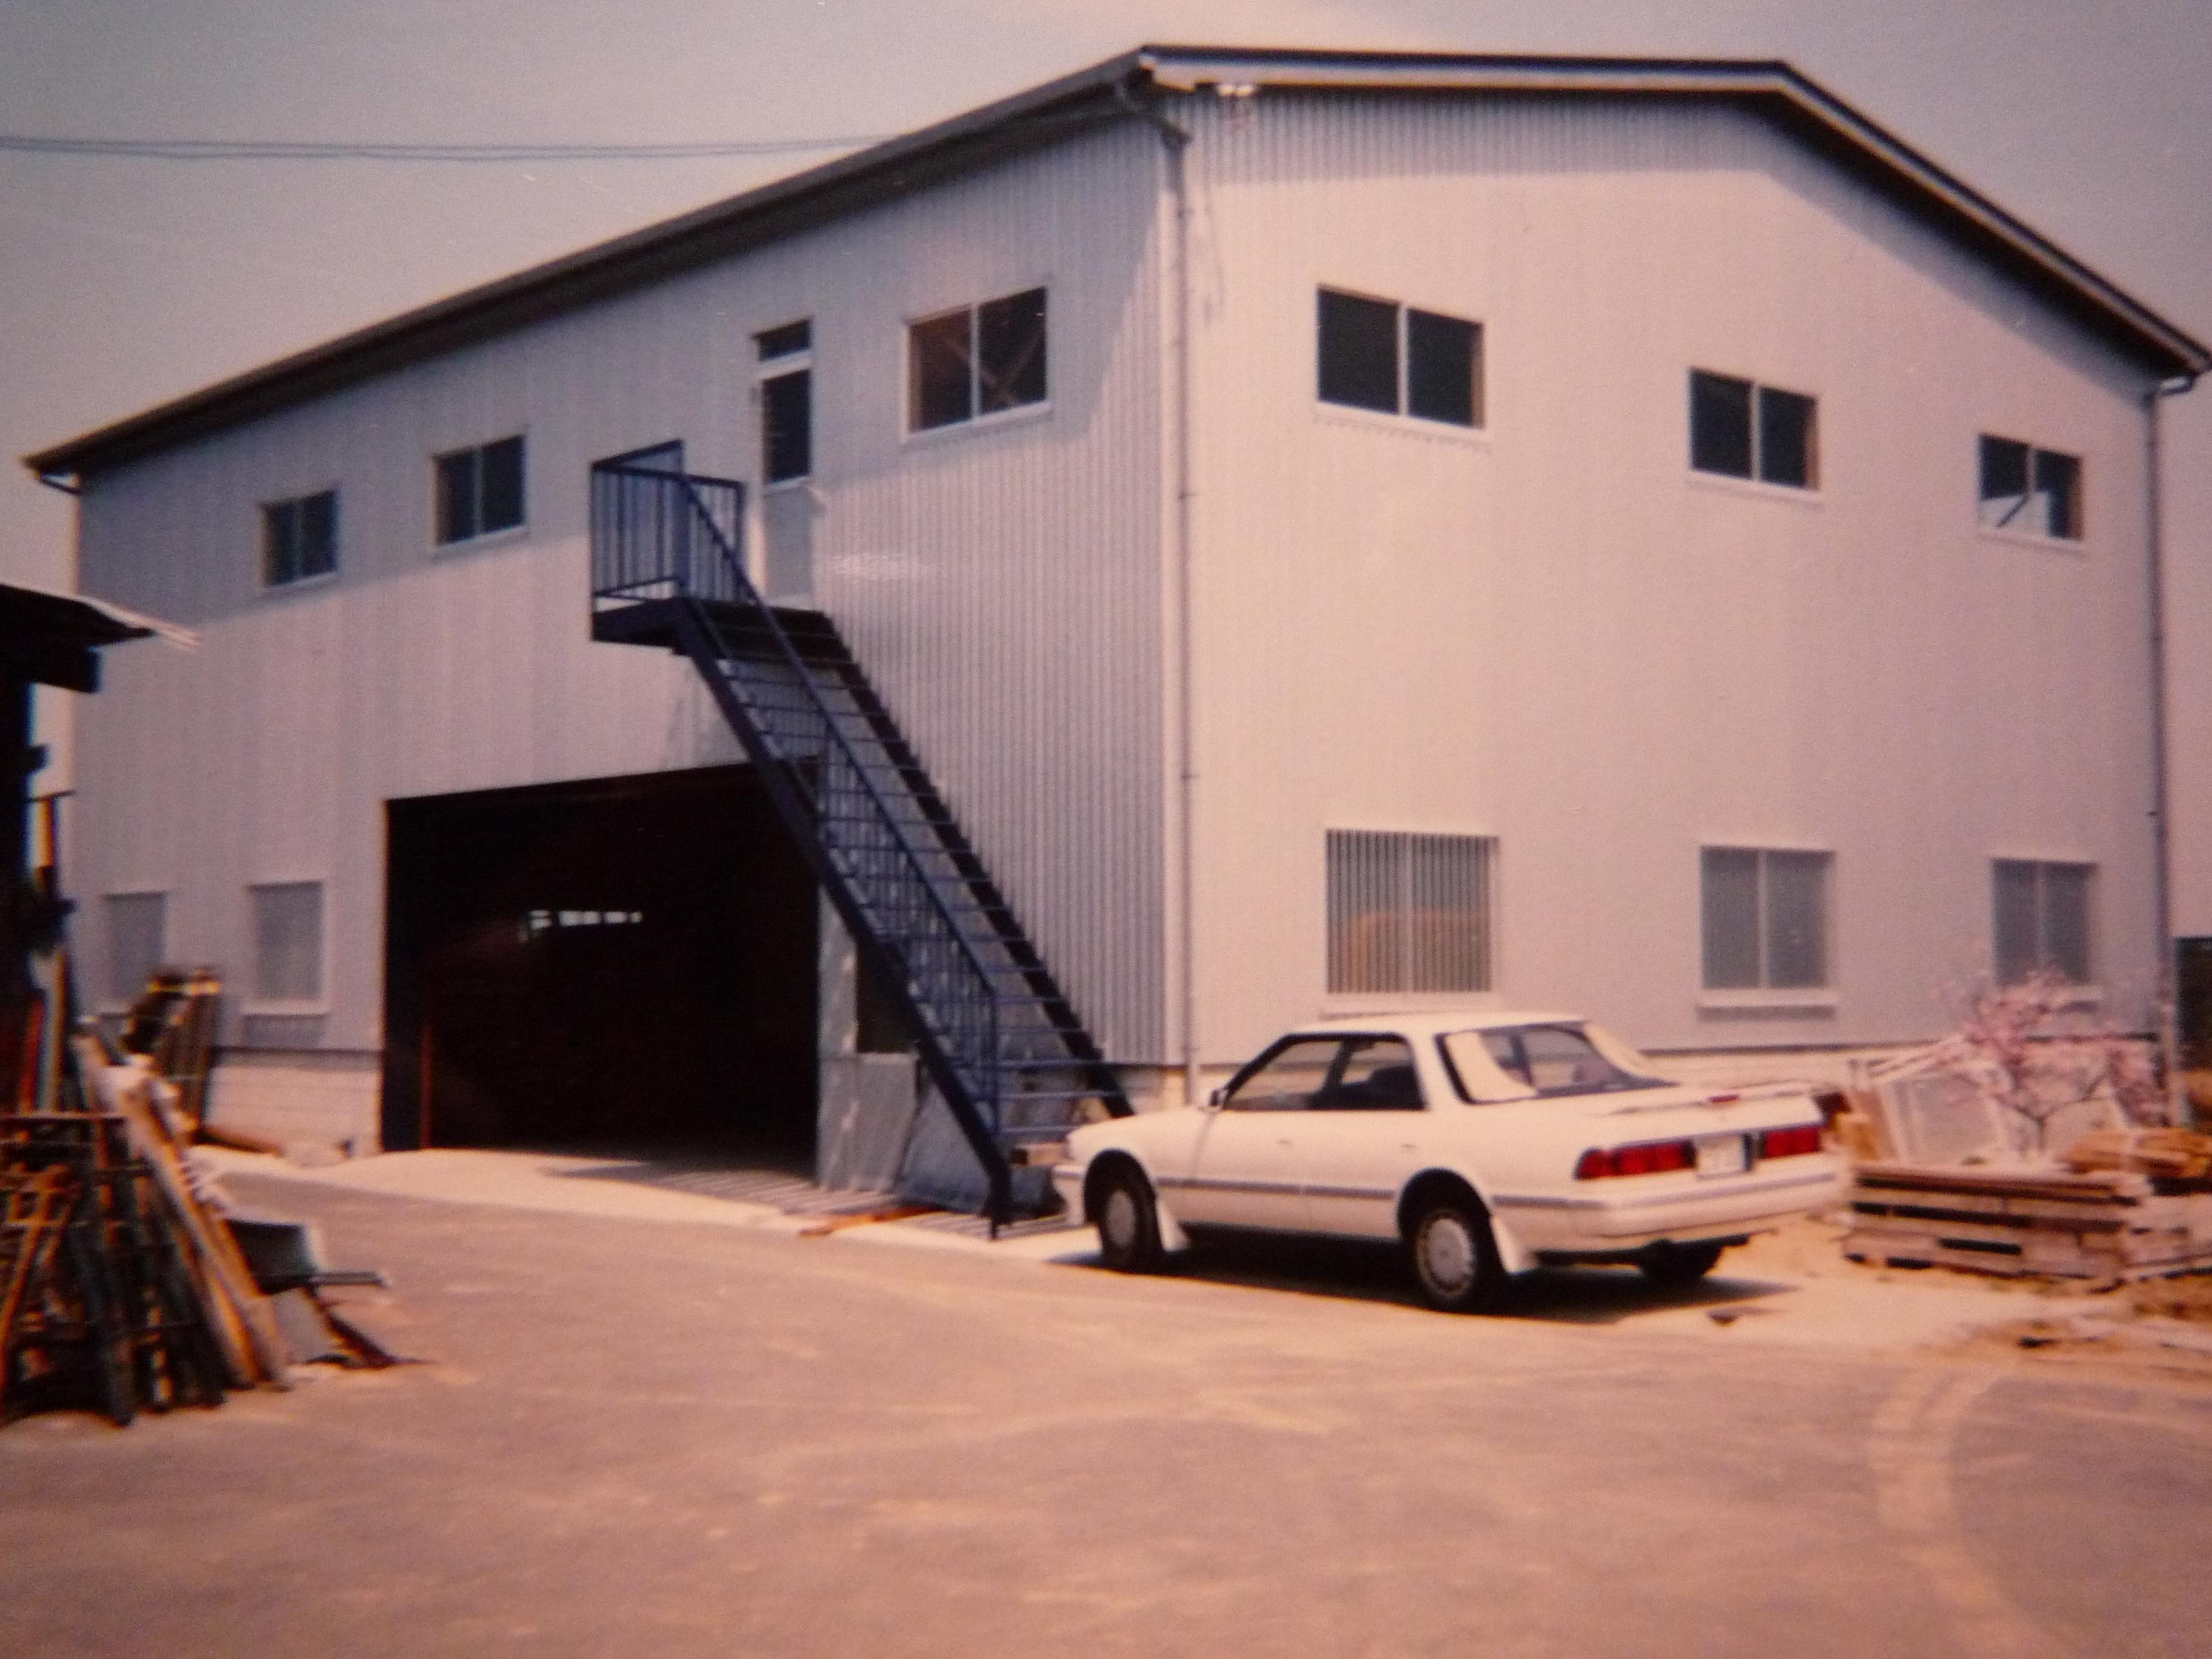 創業時のALLAGI(谷上工務店時代)の社屋